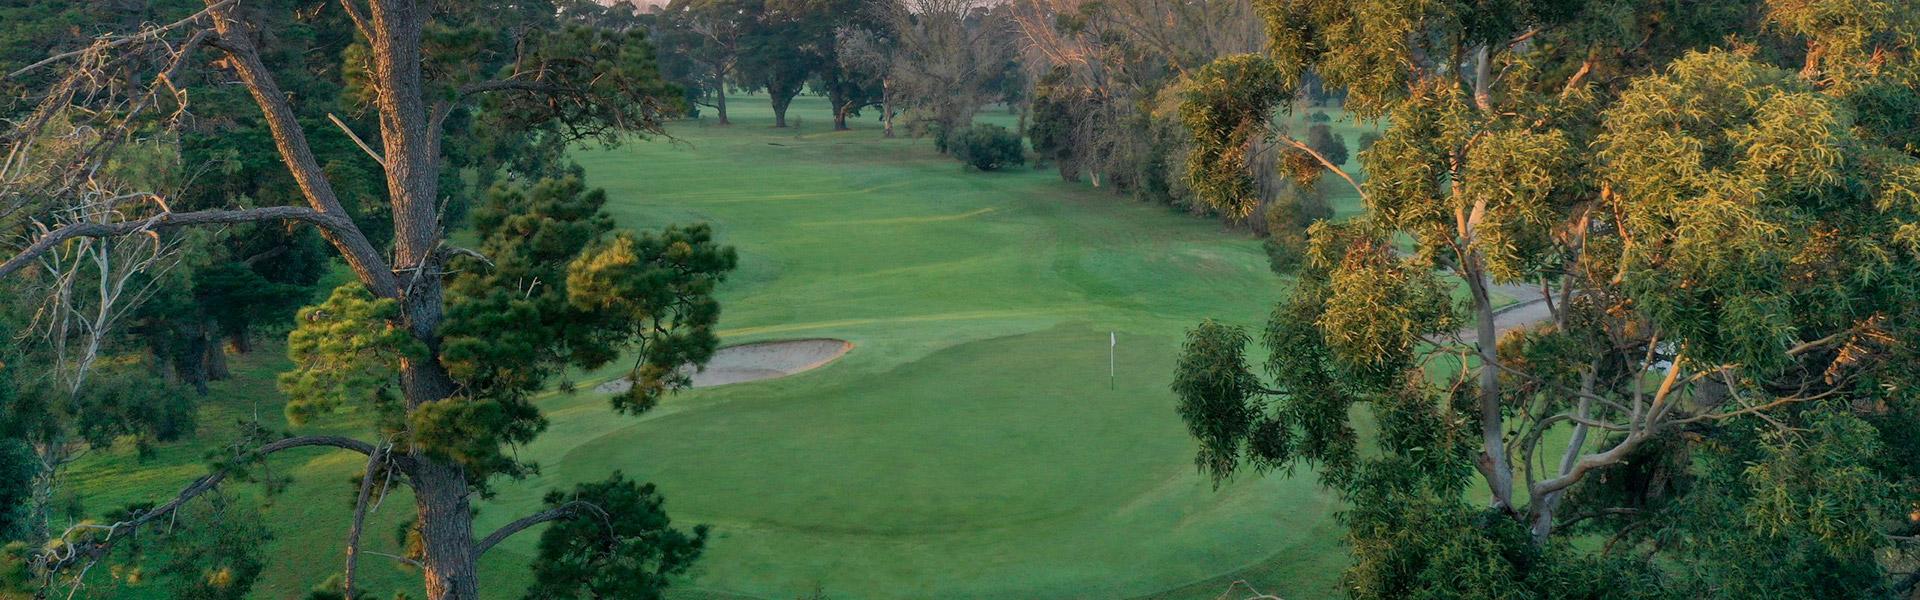 Hole 2 - Rossdale Golf Club